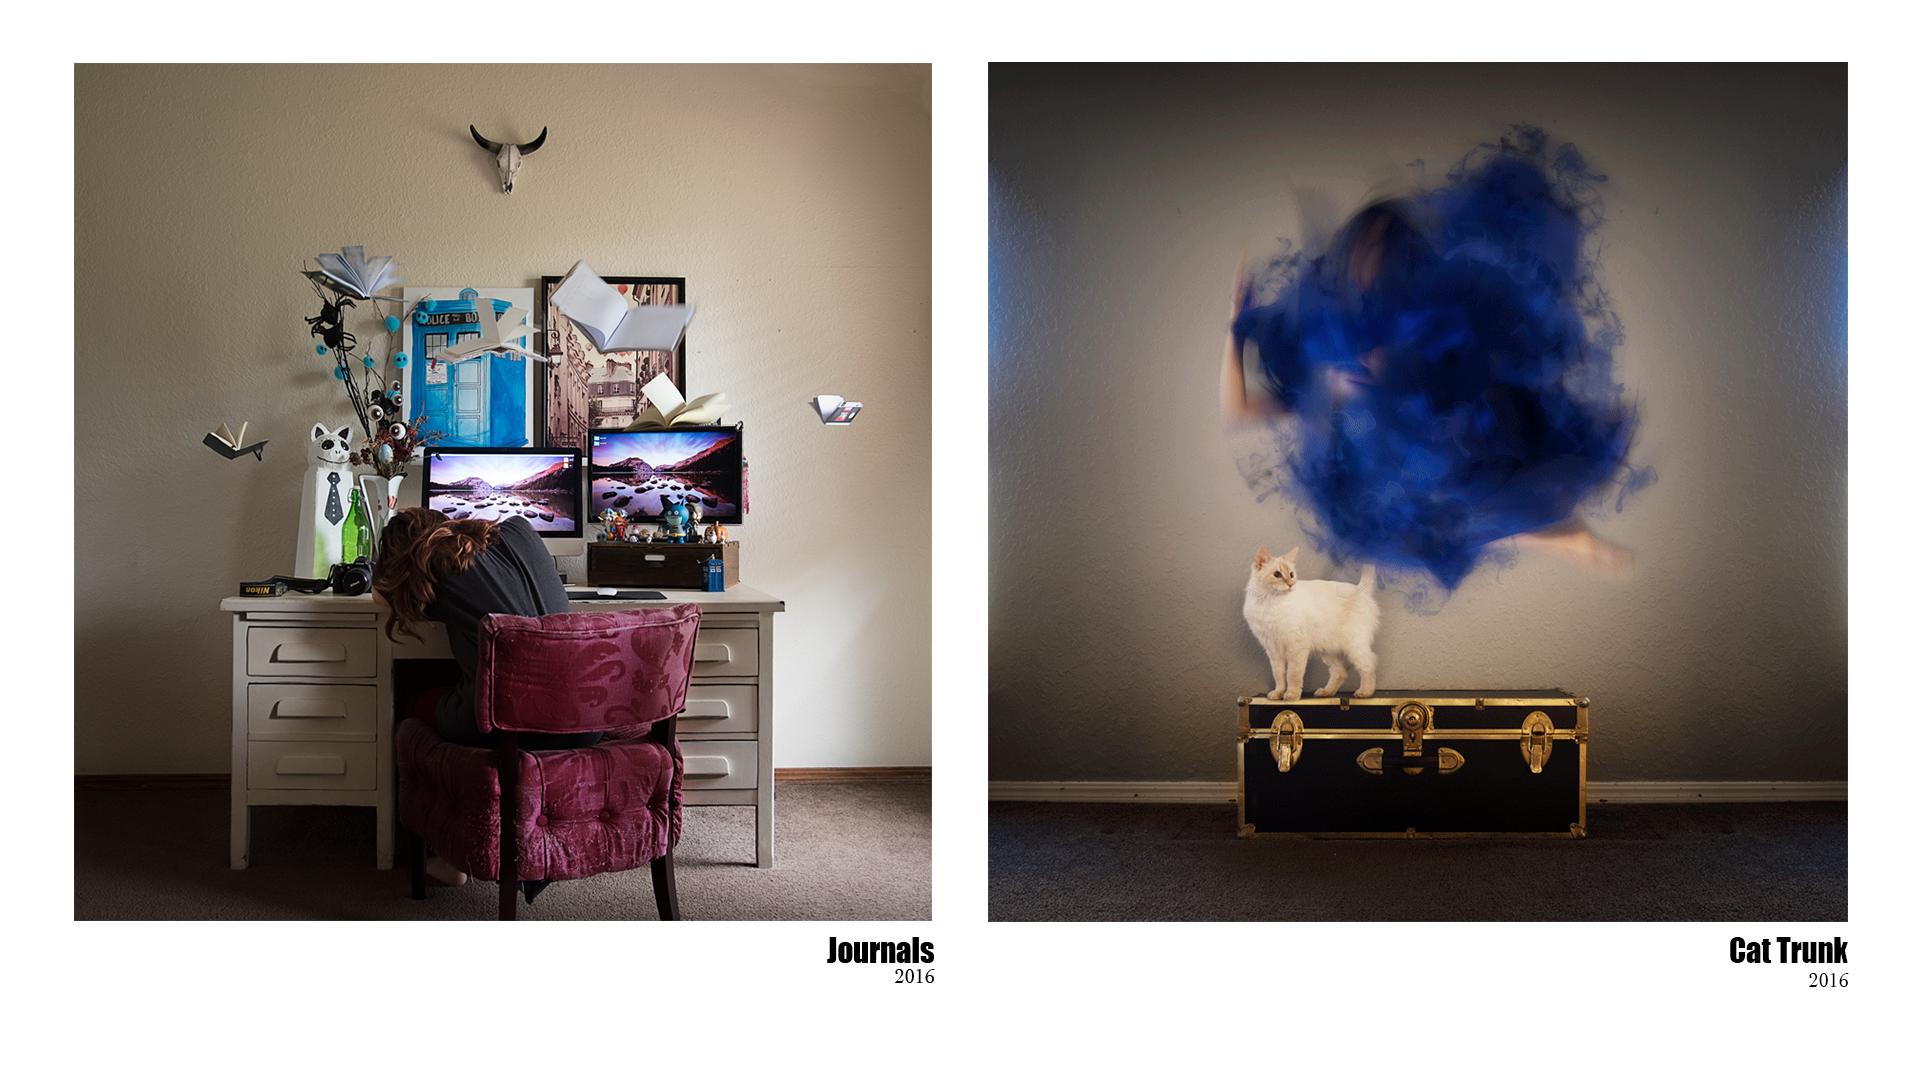 journal&cattrunk